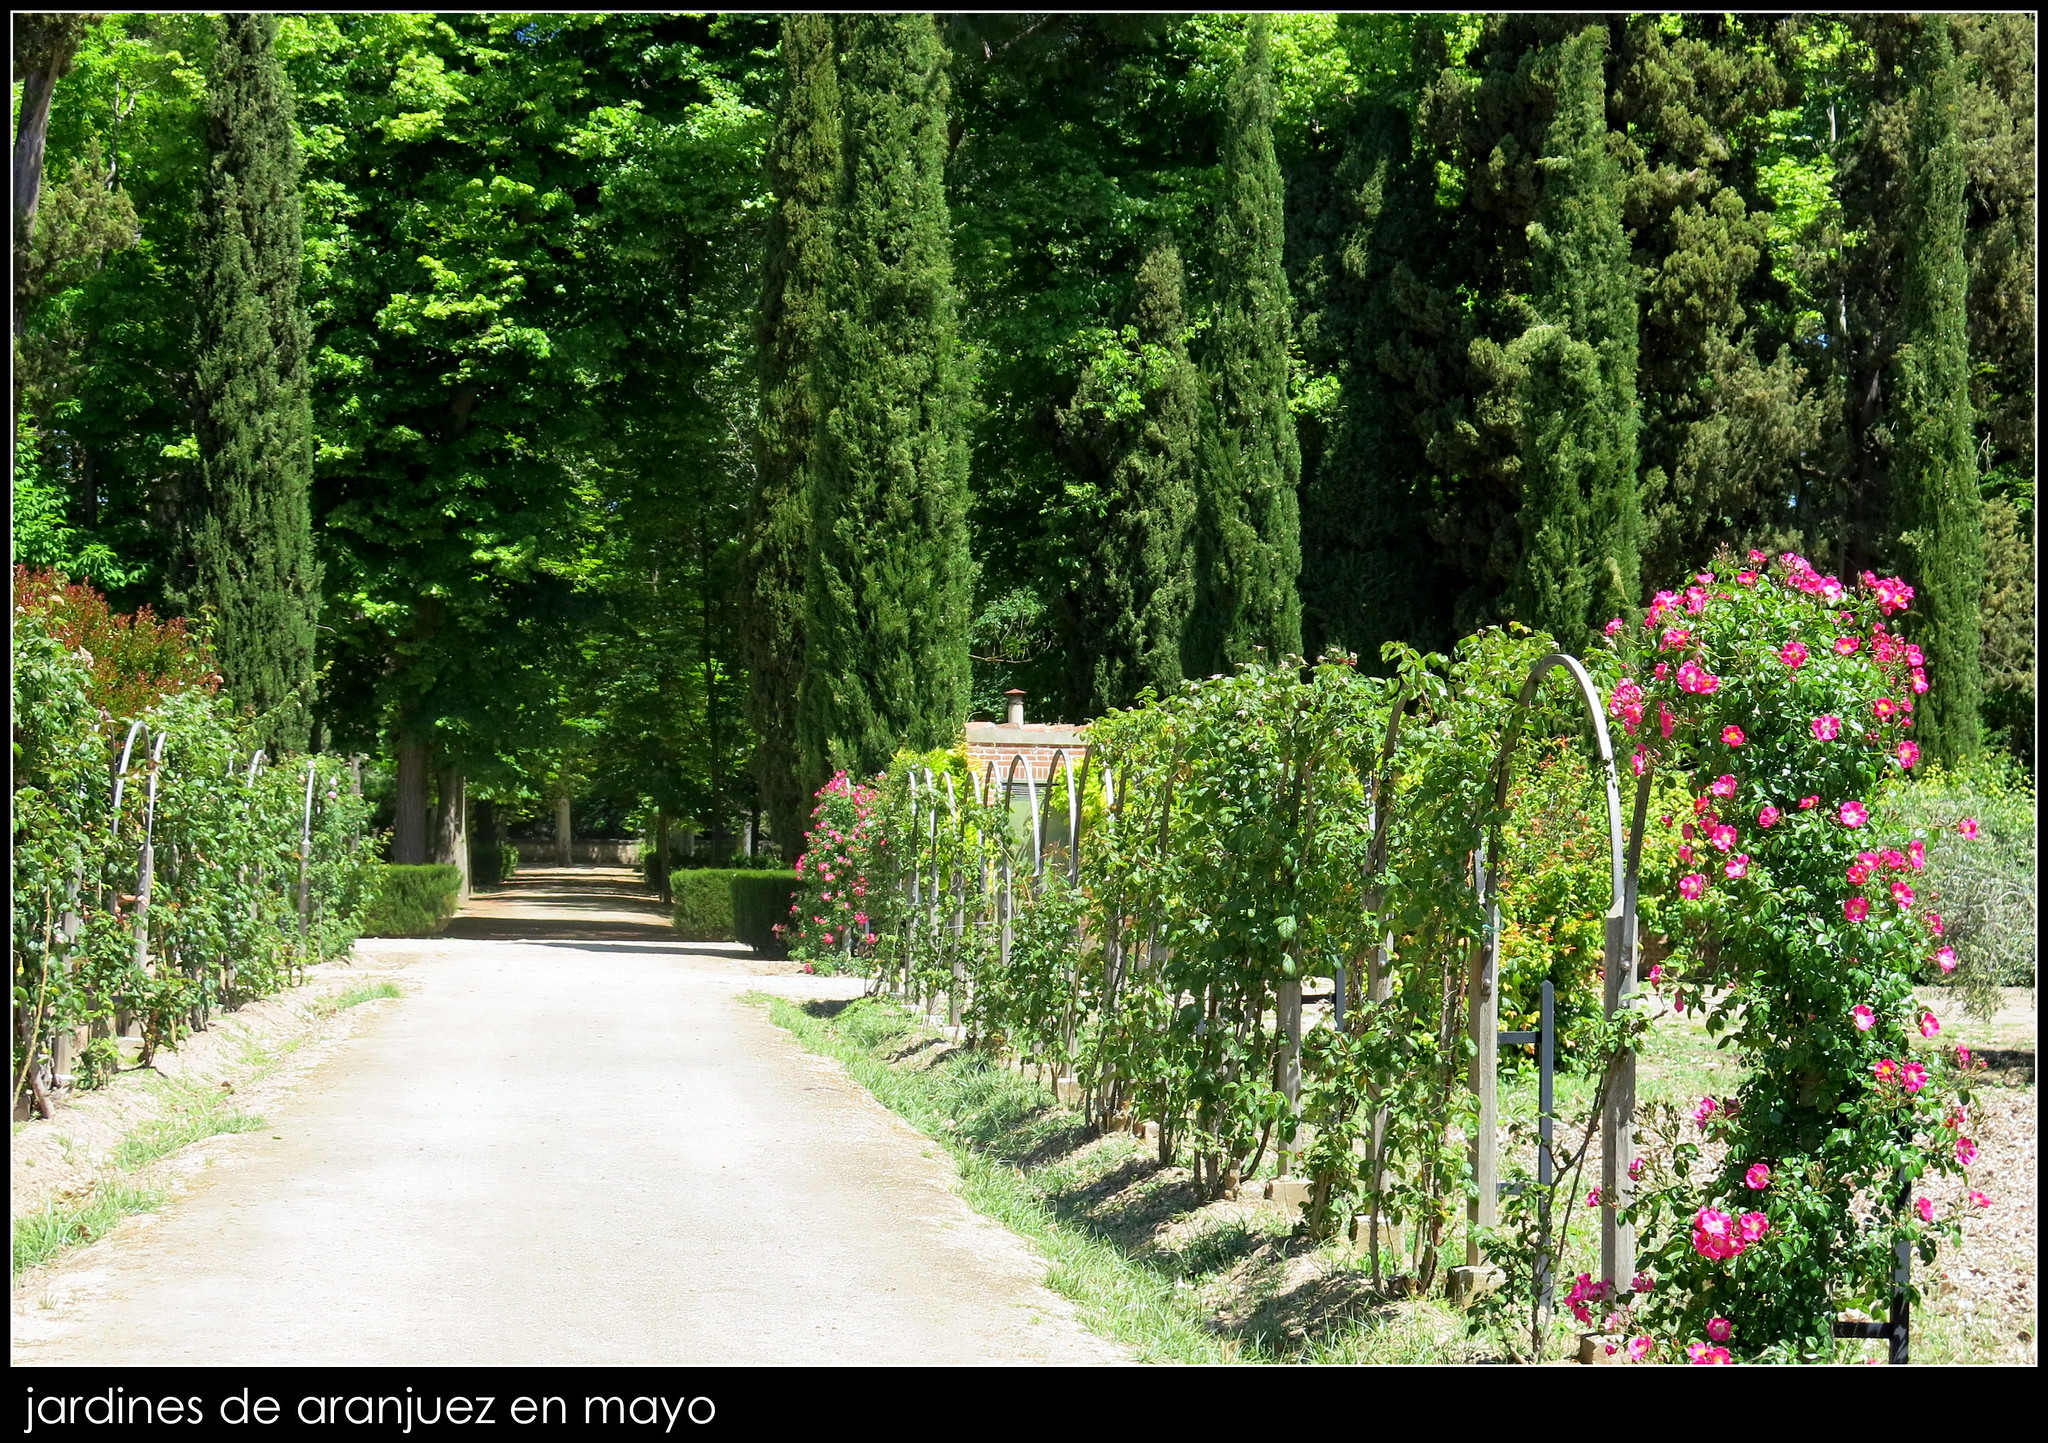 Jardines de aranjuez en mayo y r o tajo jardines de aranju flickr photo sharing for Jardines de aranjuez horario